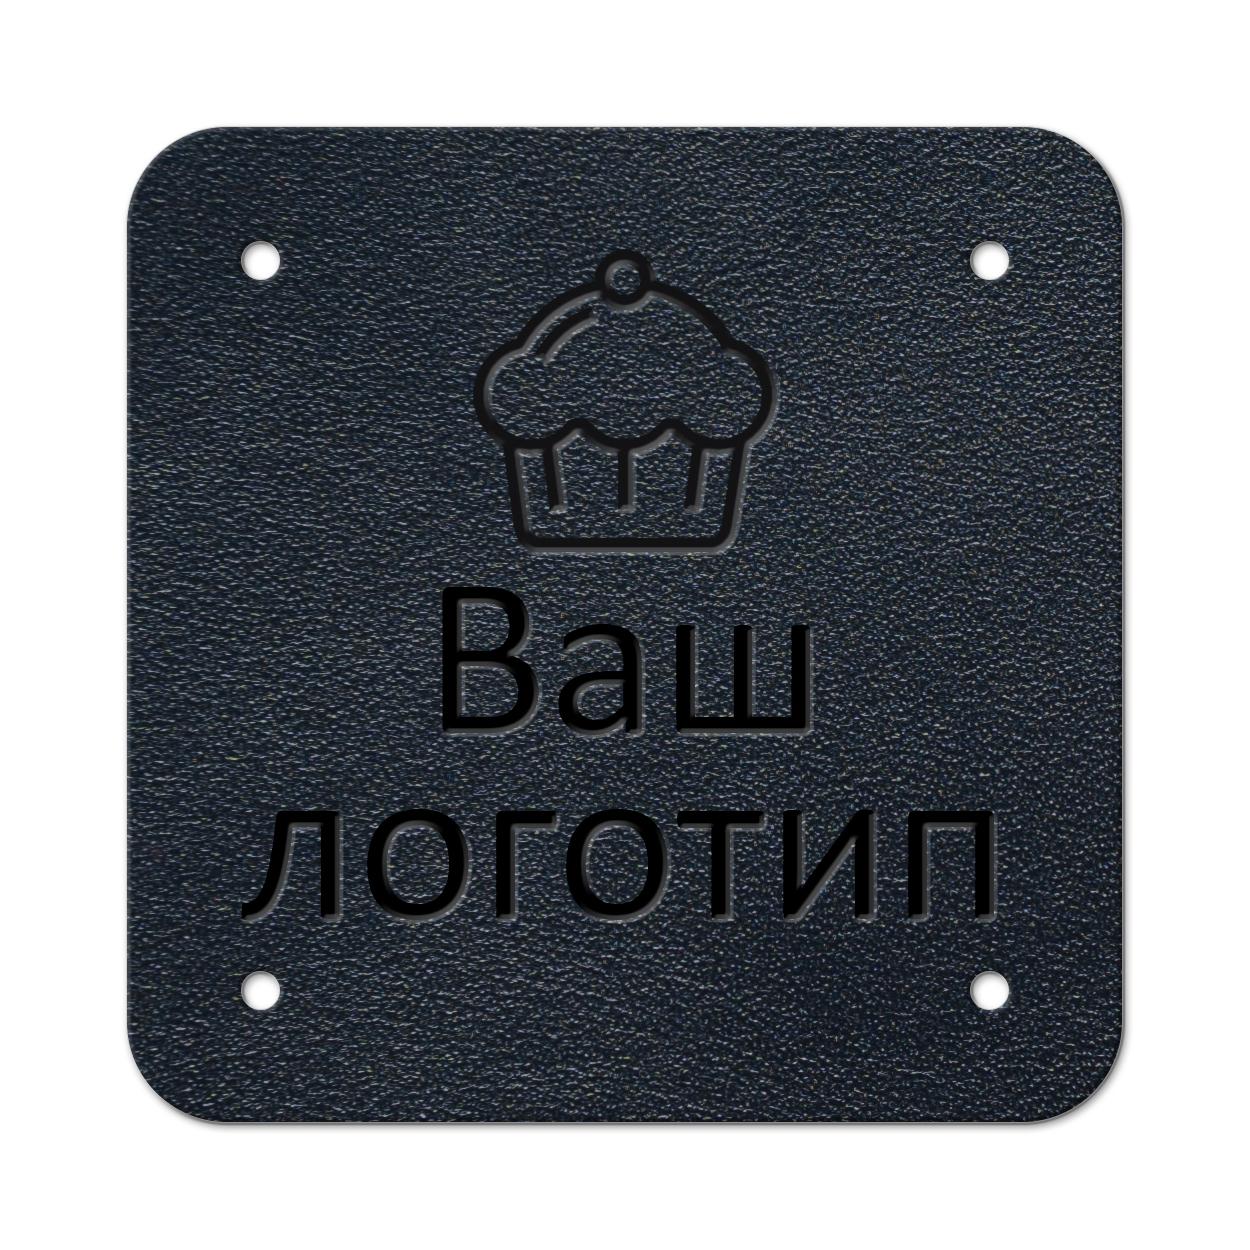 Бирка пришивная 3 х 3 cм. 10 шт. Midnight blue